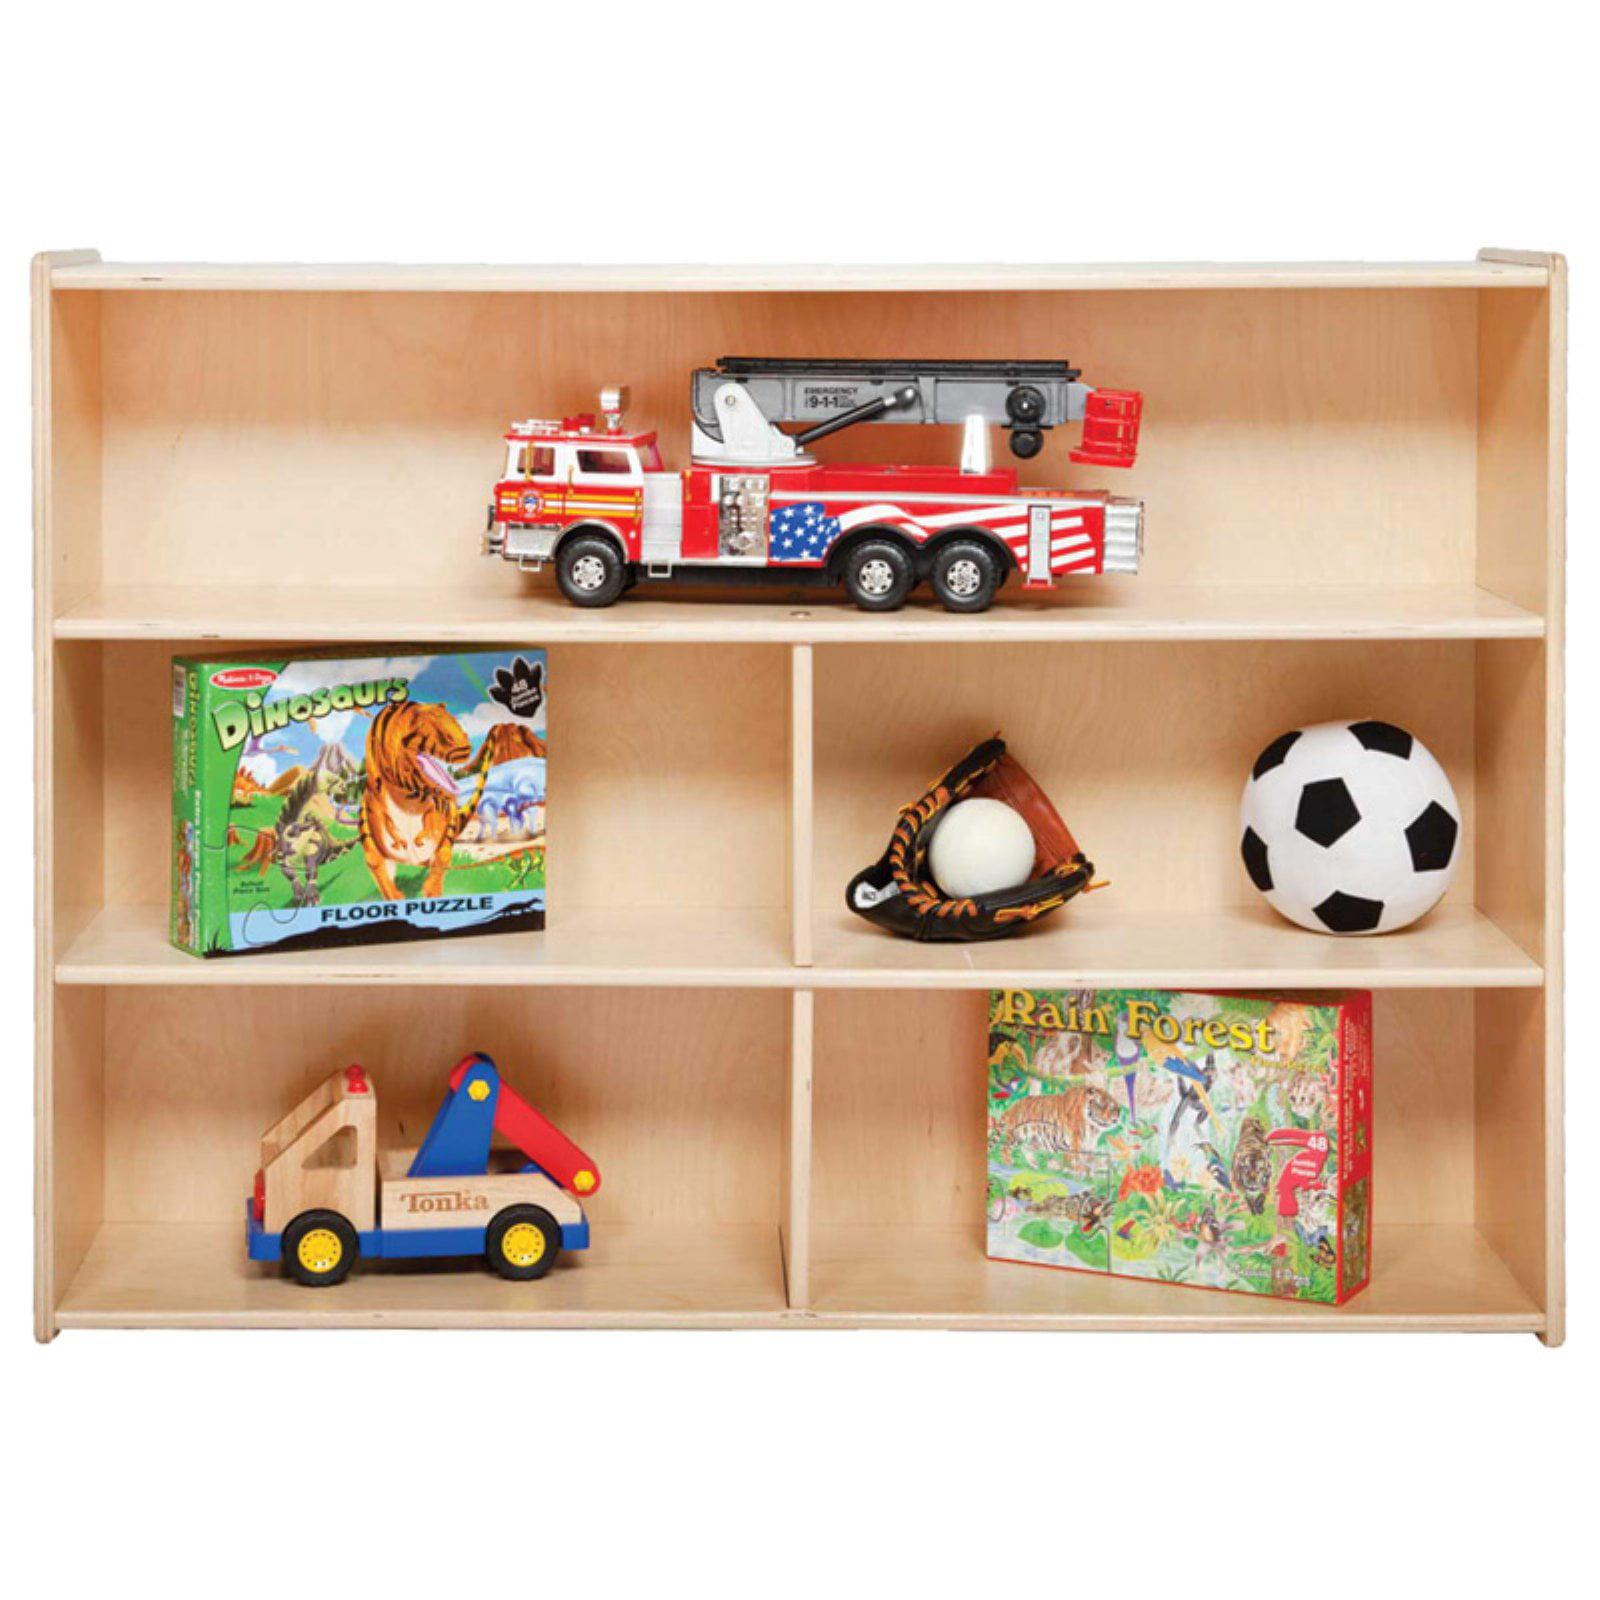 Contender Versatile Single Storage Unit - 3 Shelves